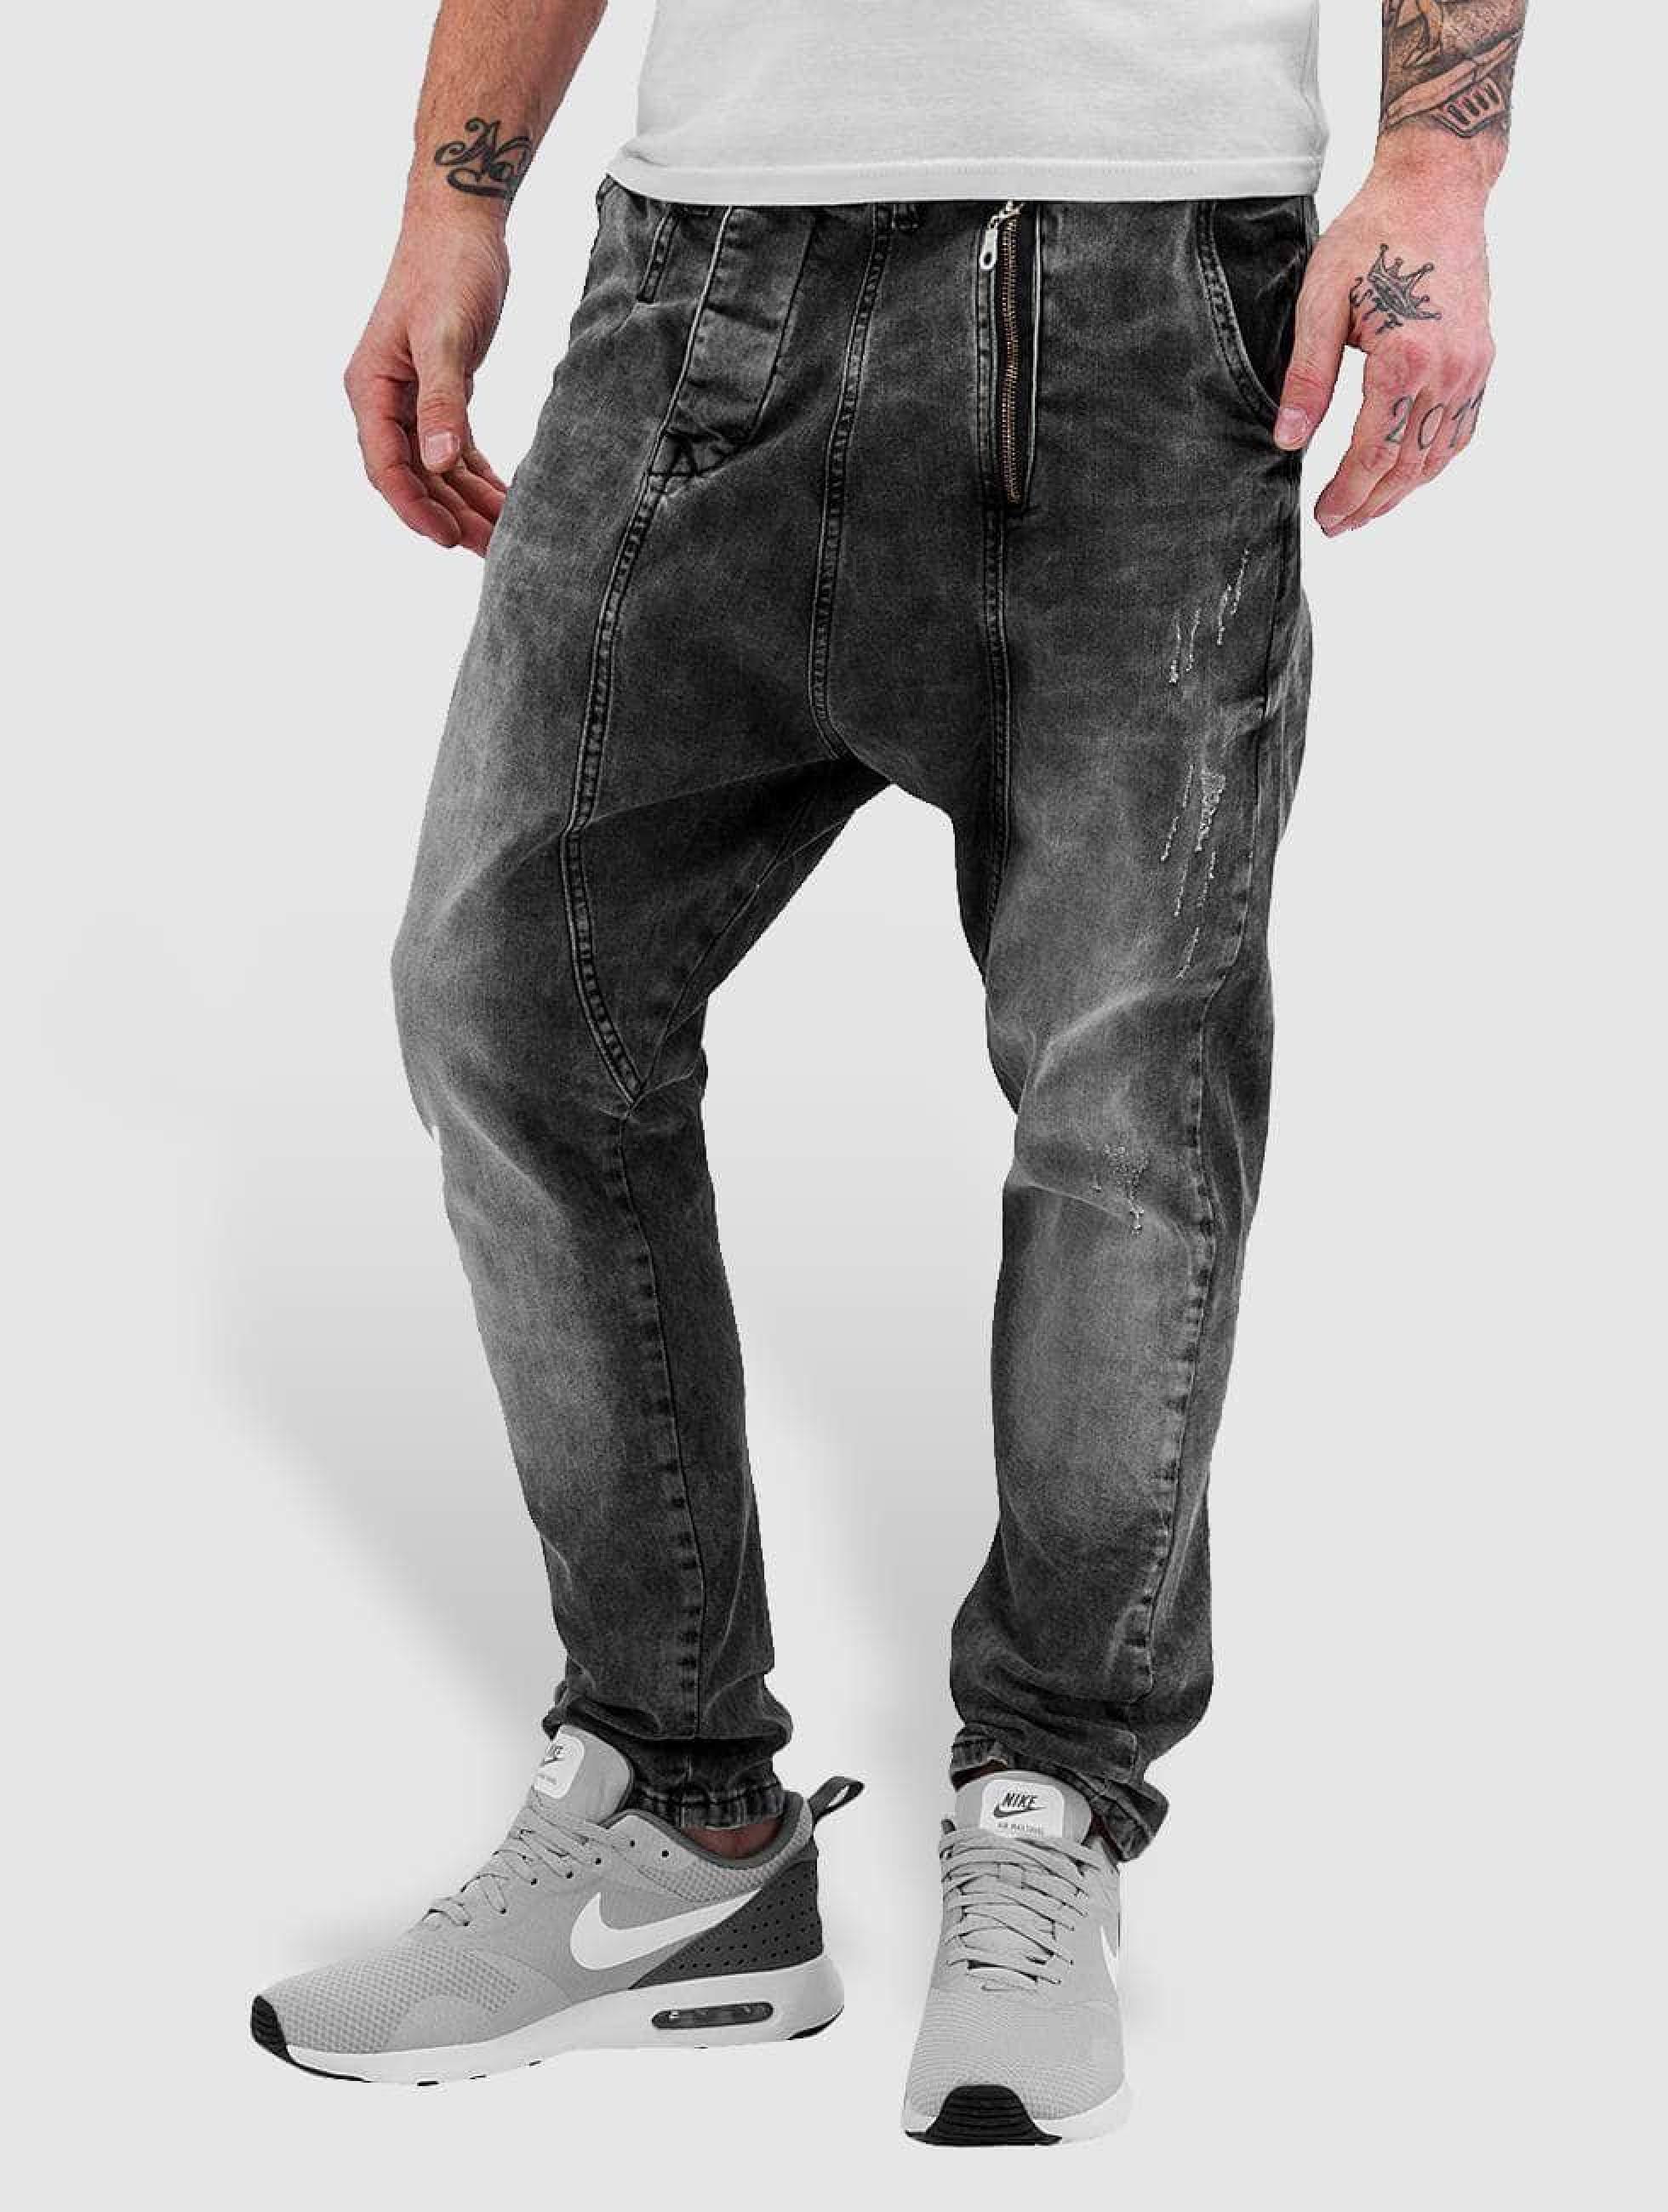 Bangastic / Antifit Anti Fit in grey W 31